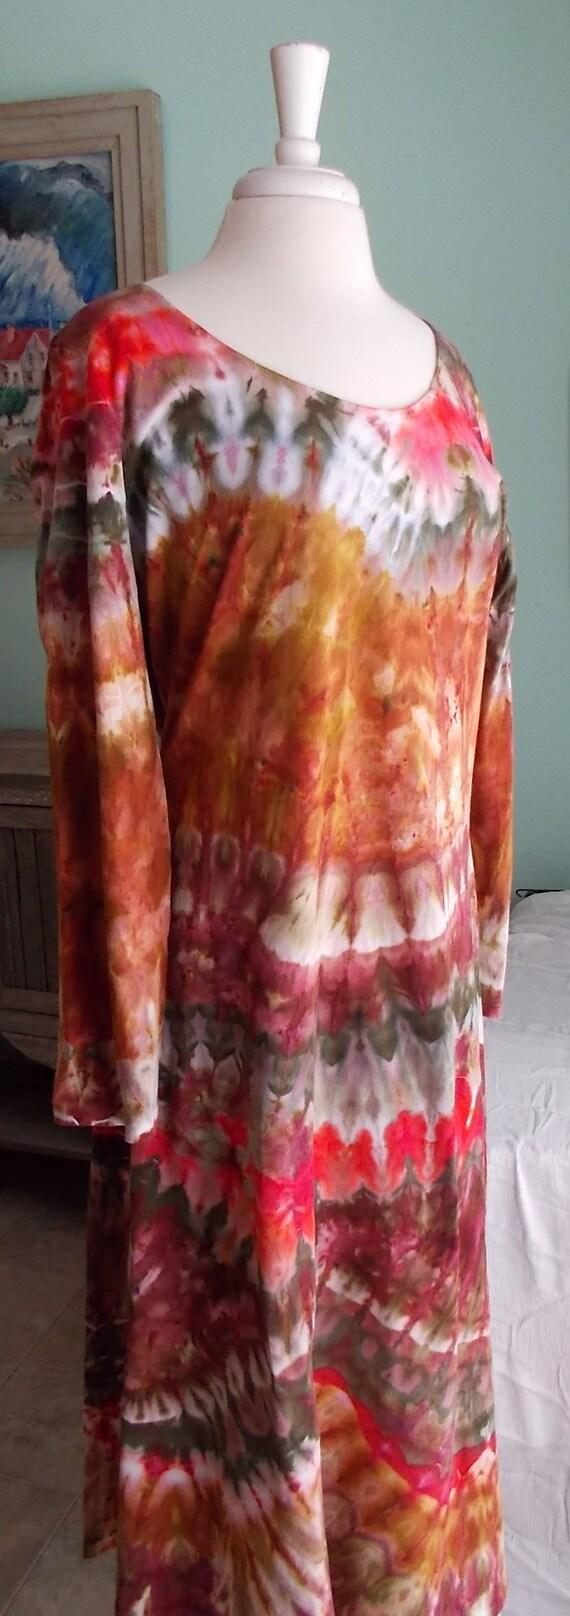 XL Long-sleeve Ice dye tie dye Dress